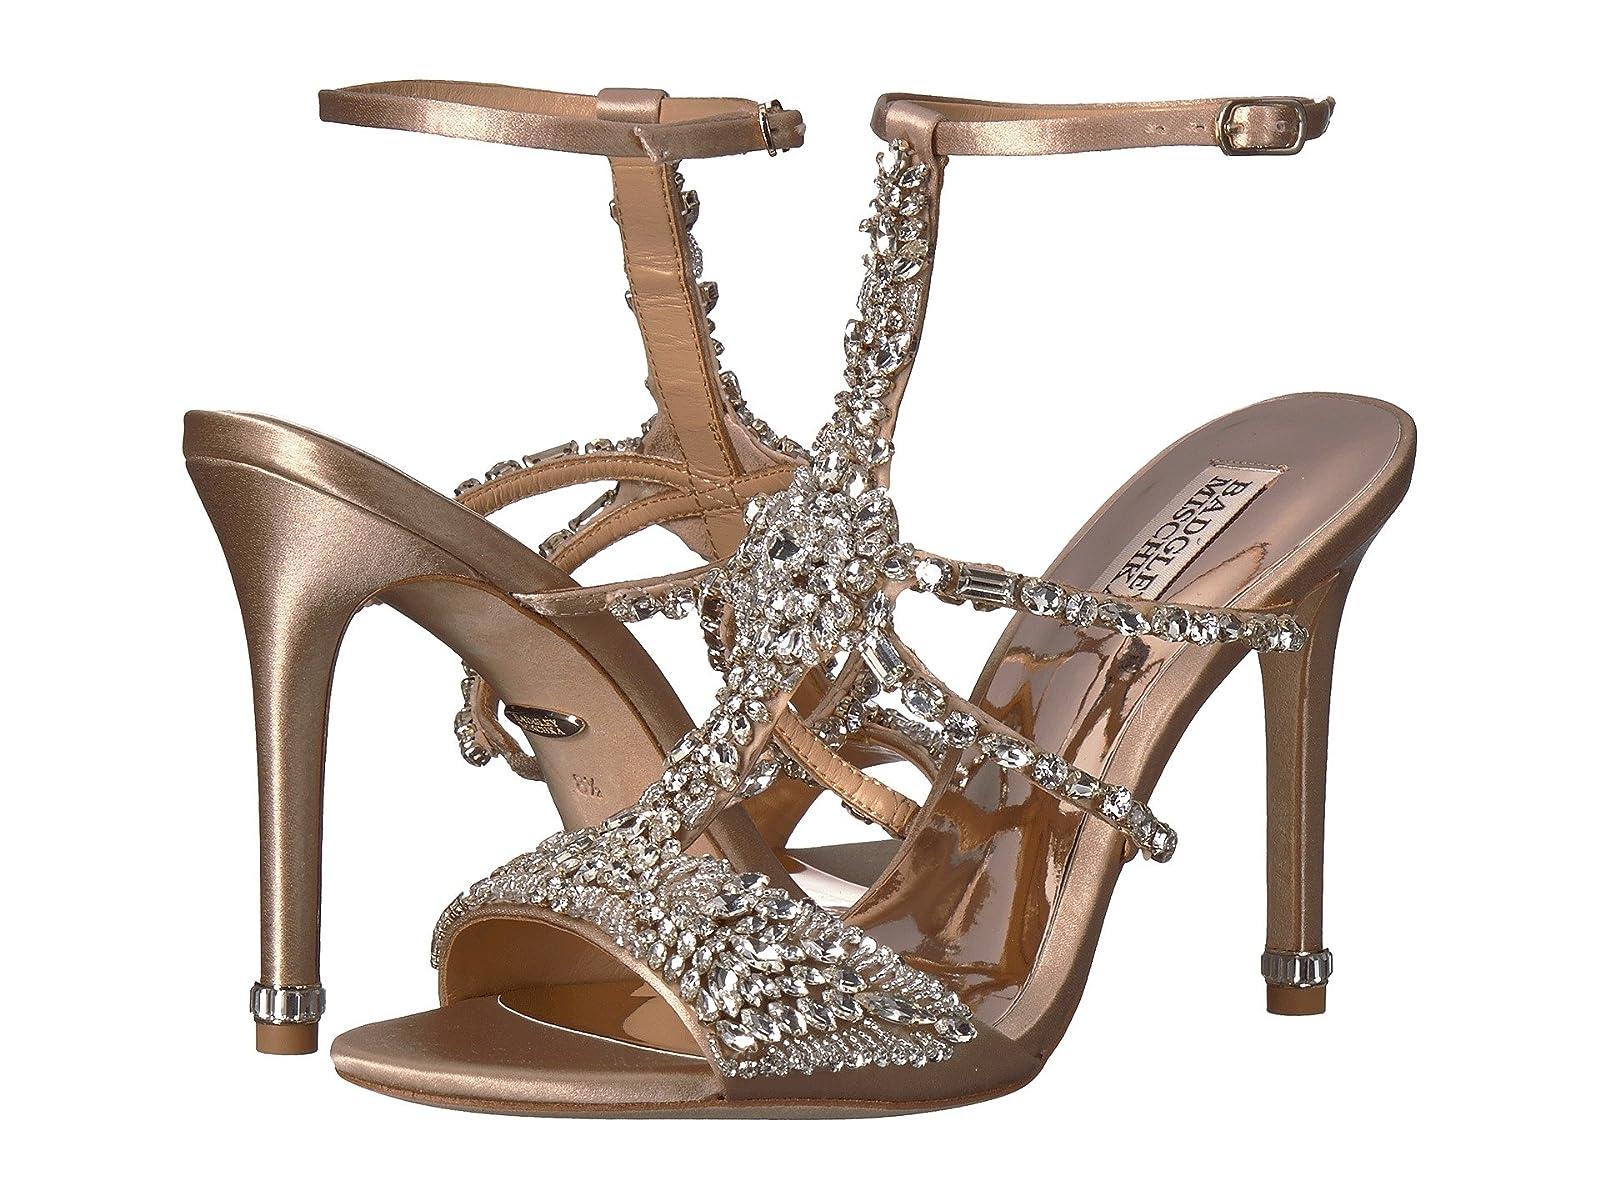 Badgley Mischka HughesCheap and distinctive eye-catching shoes